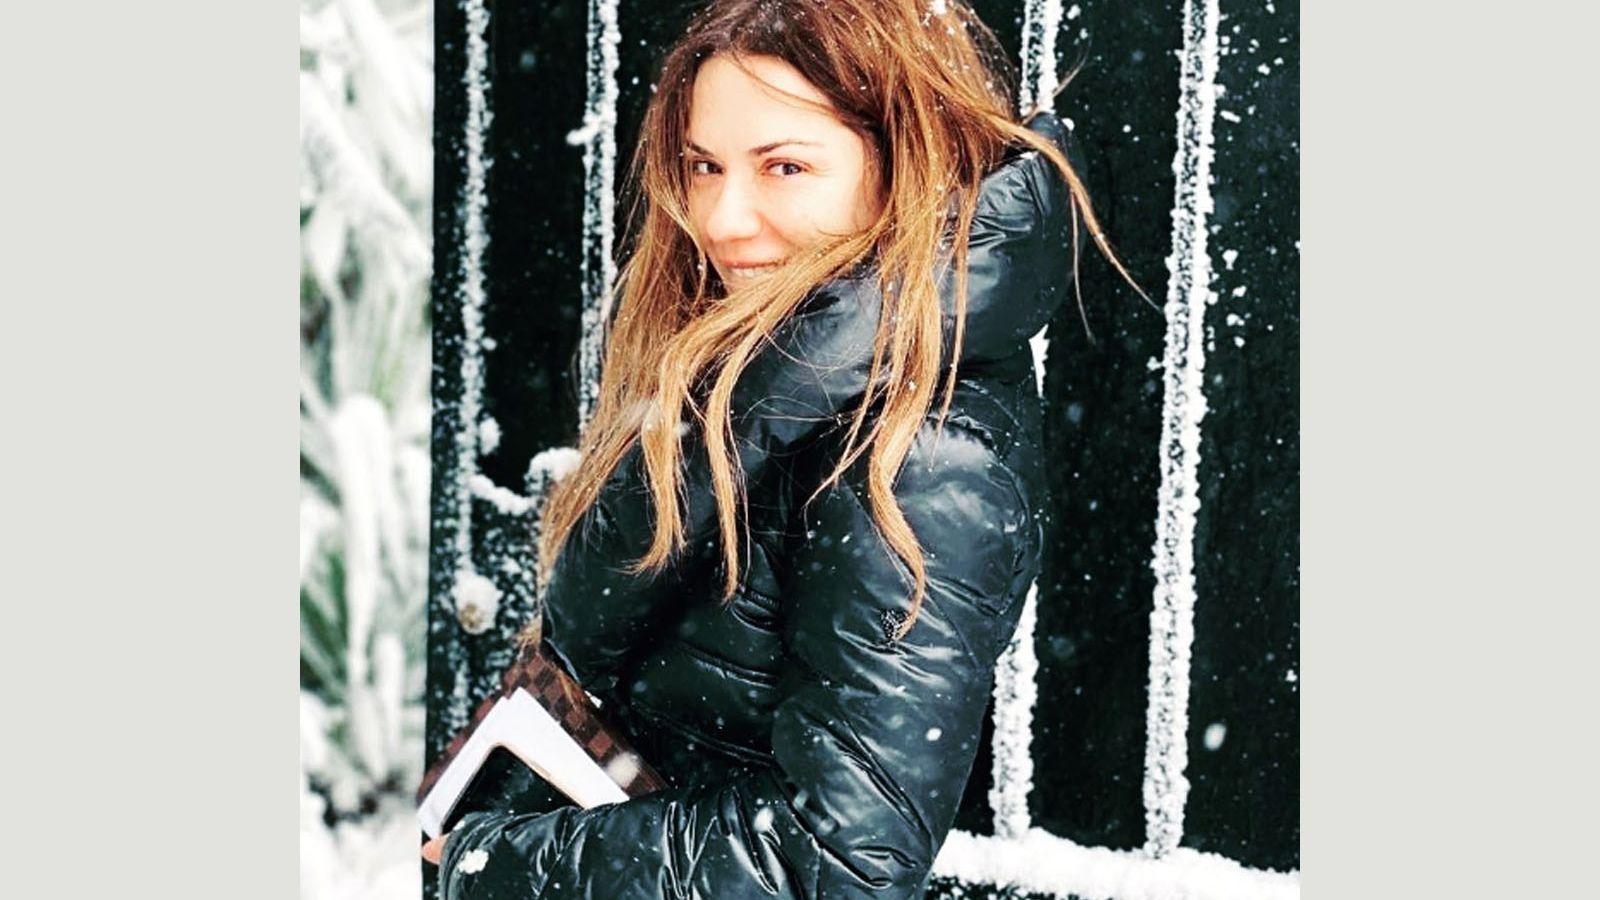 Κακοκαιρία «Μήδεια»: Όλοι φωτογραφήθηκαν στα χιόνια – Εσύ ακόμα [pics]